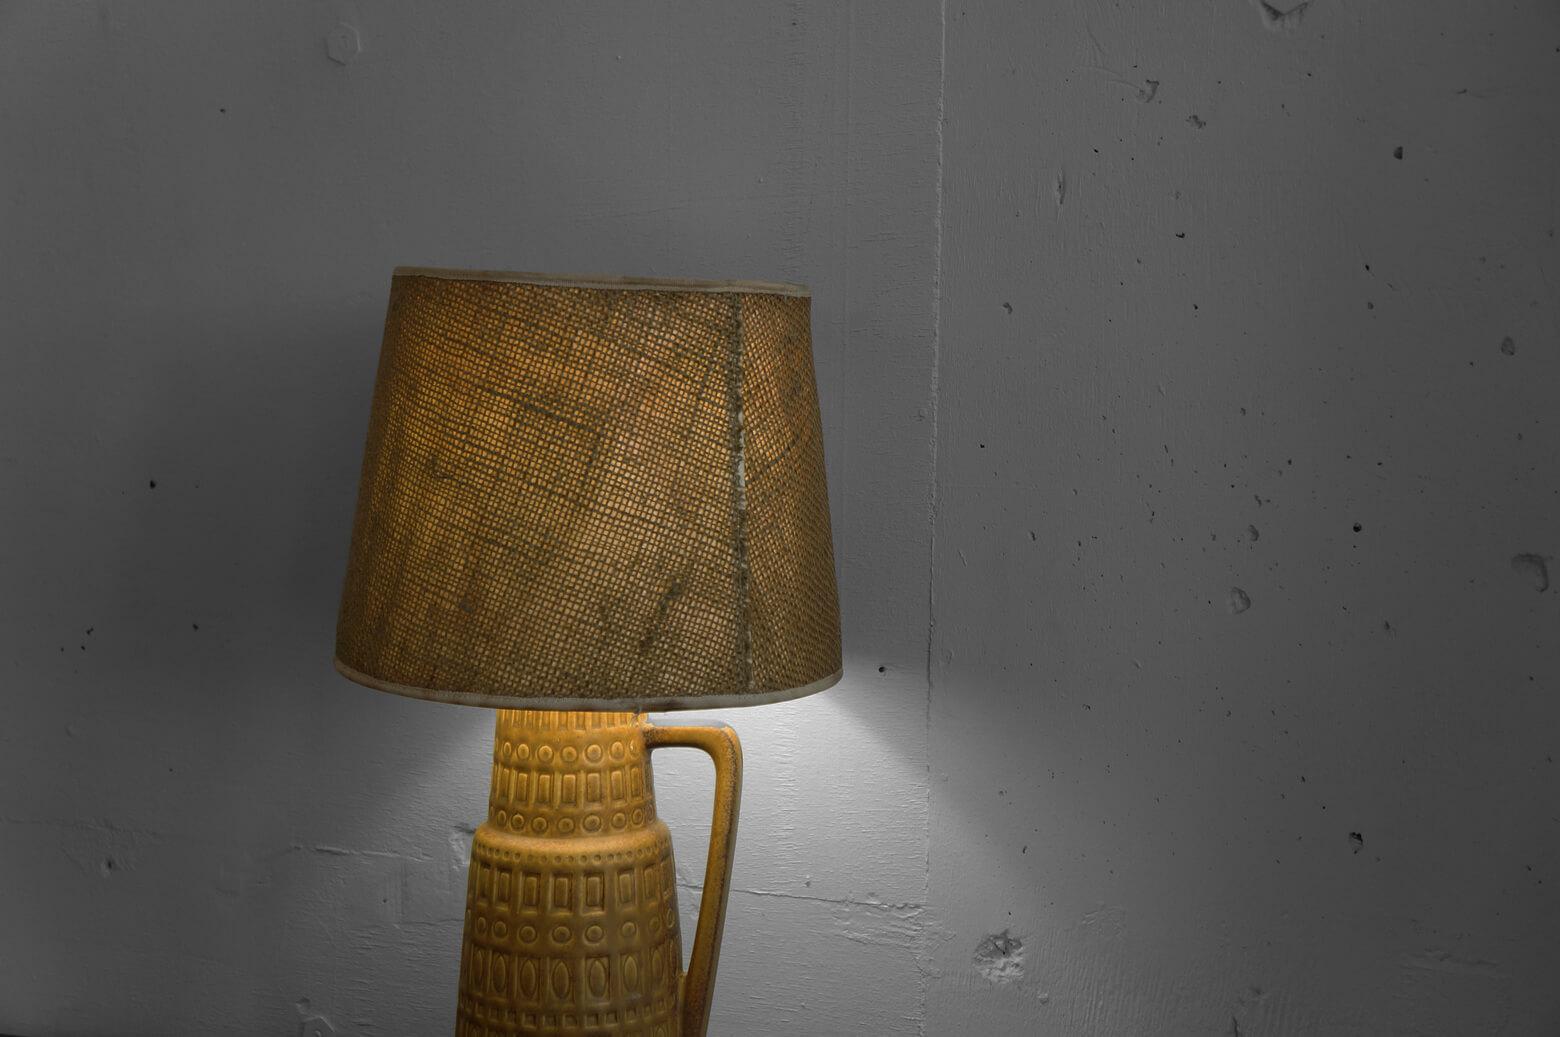 VINTAGE CERAMIC BASE TABLE LUMP MADE IN WEST GERMANY/ 西ドイツ製 ビンテージ セラミック ベース テーブル ランプ